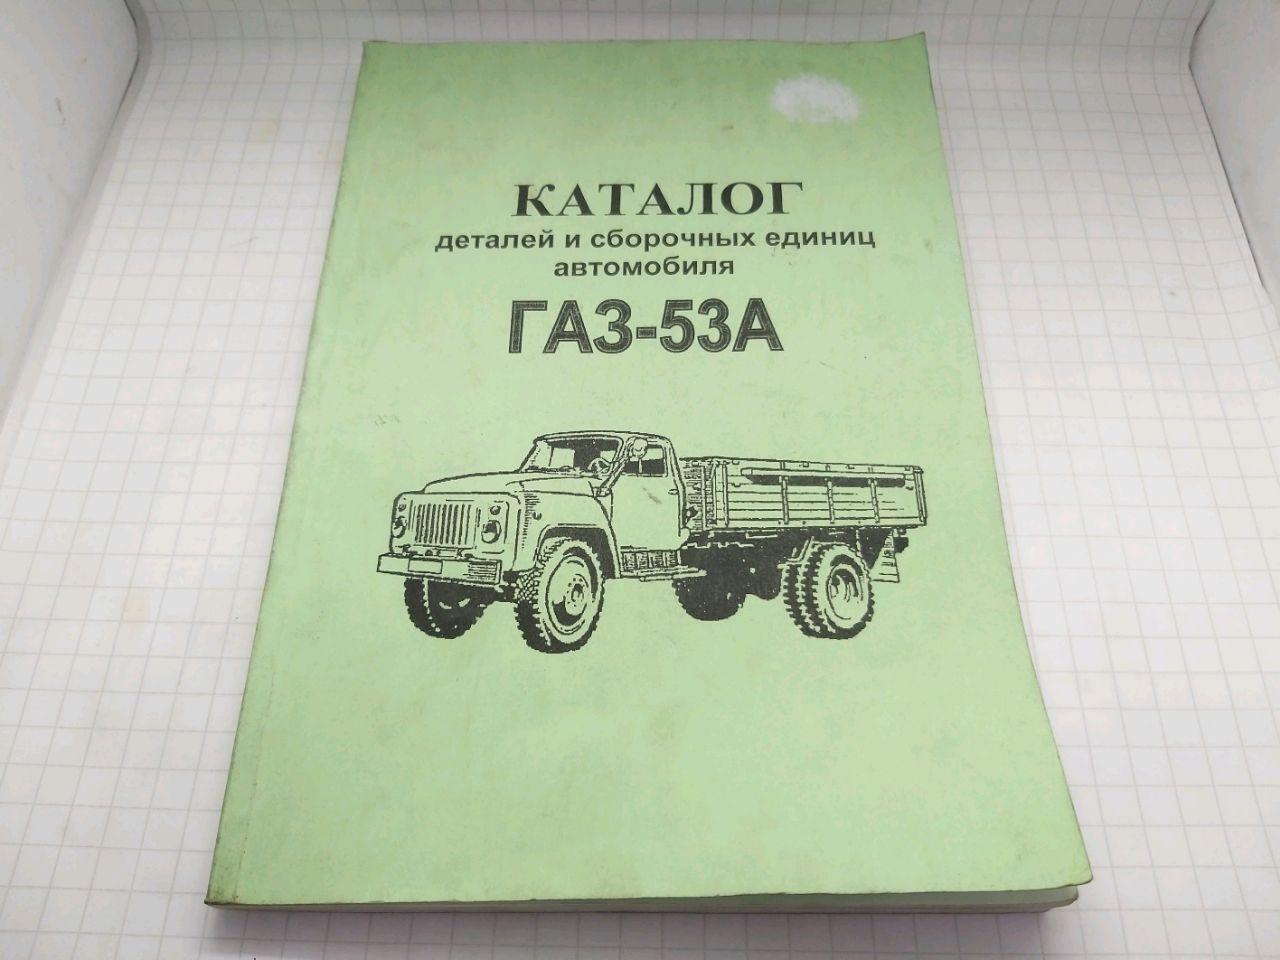 Catalog GAZ-53